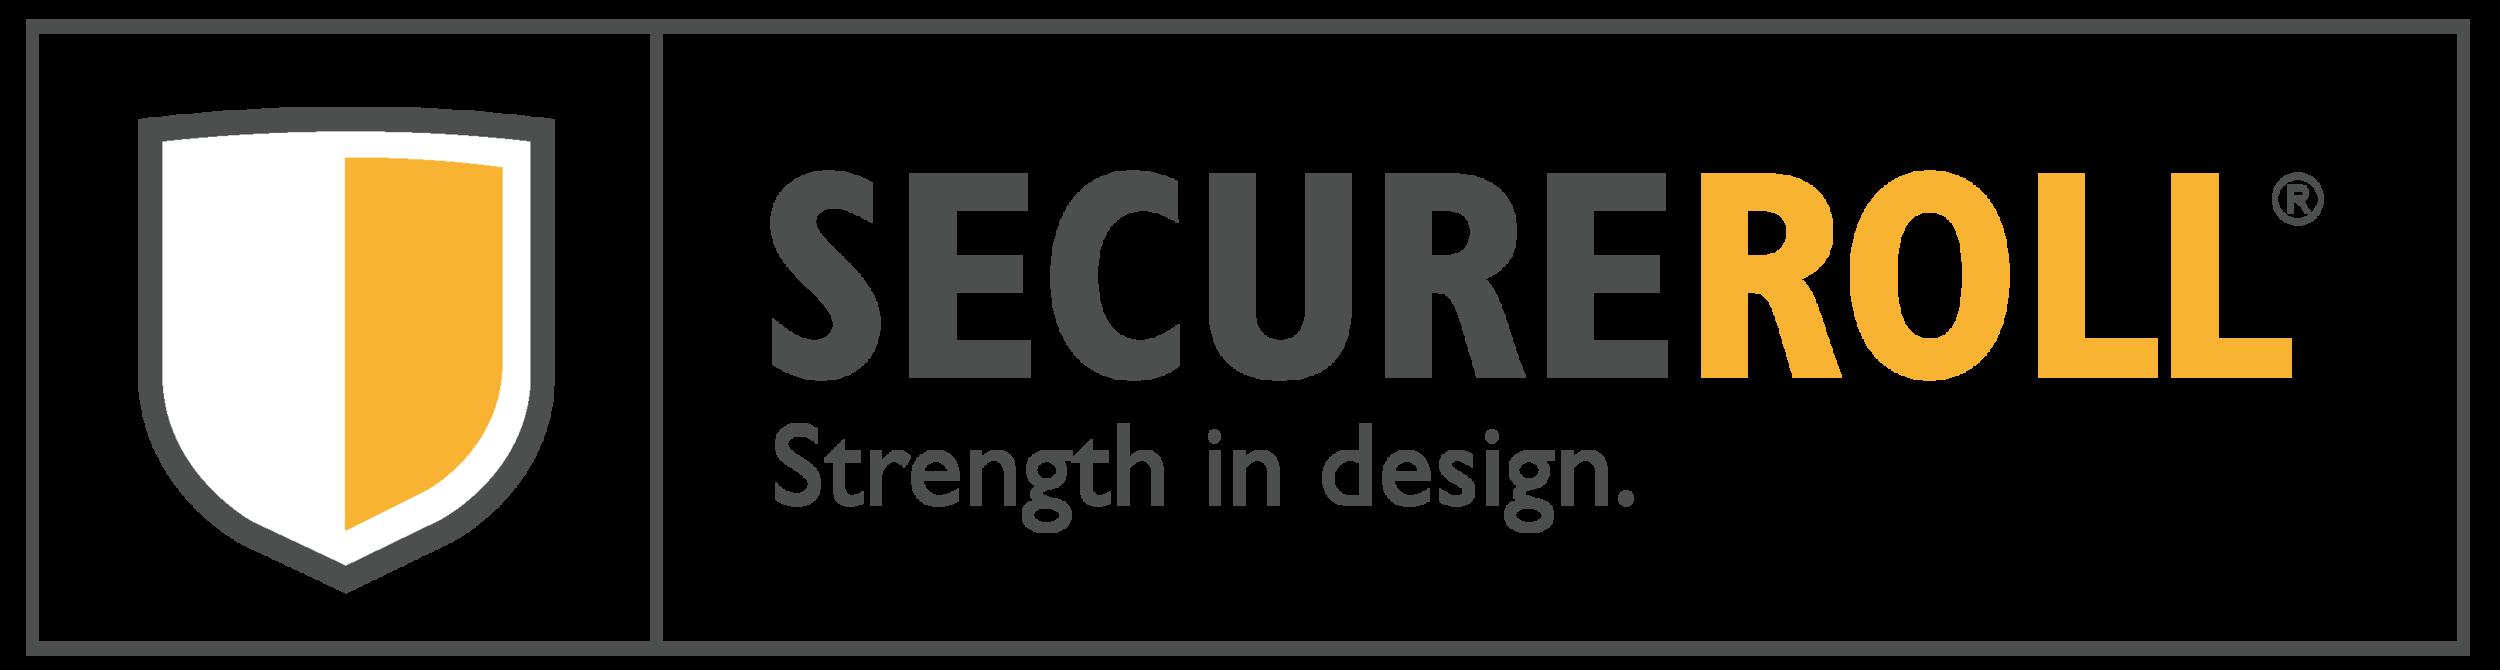 secureroll-garage-doors